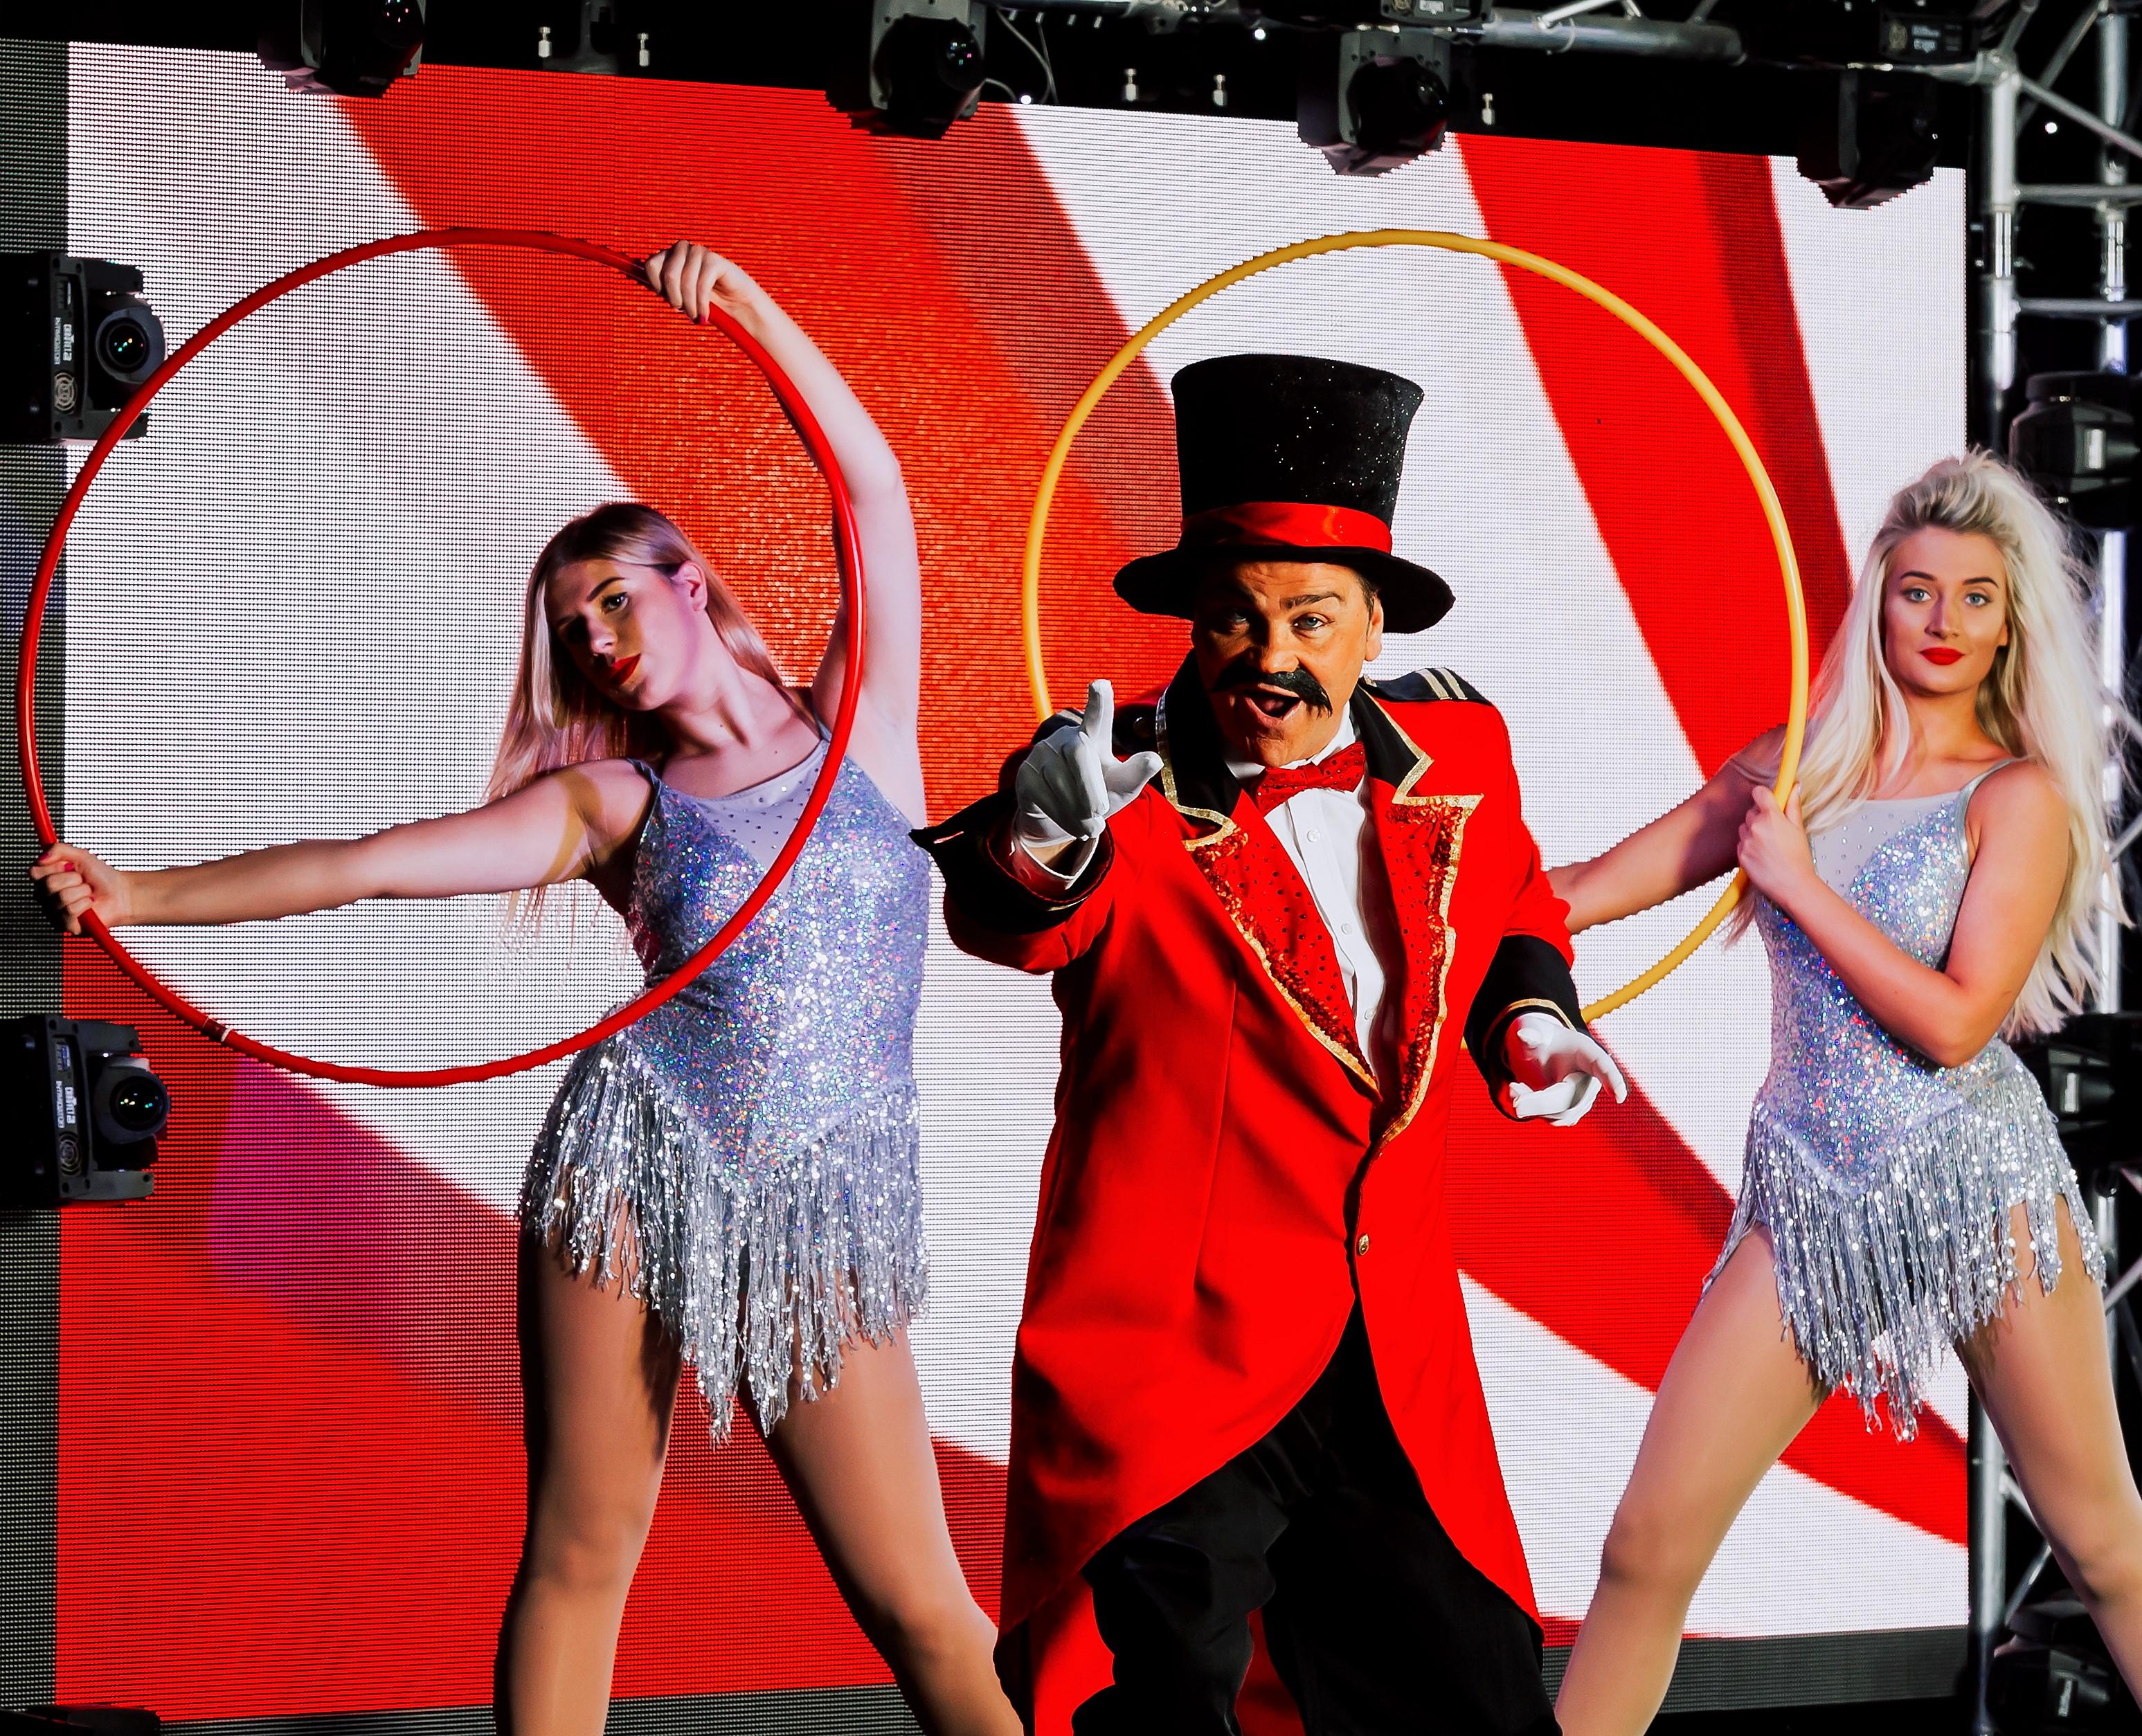 Circus Ringmaster & Dancers